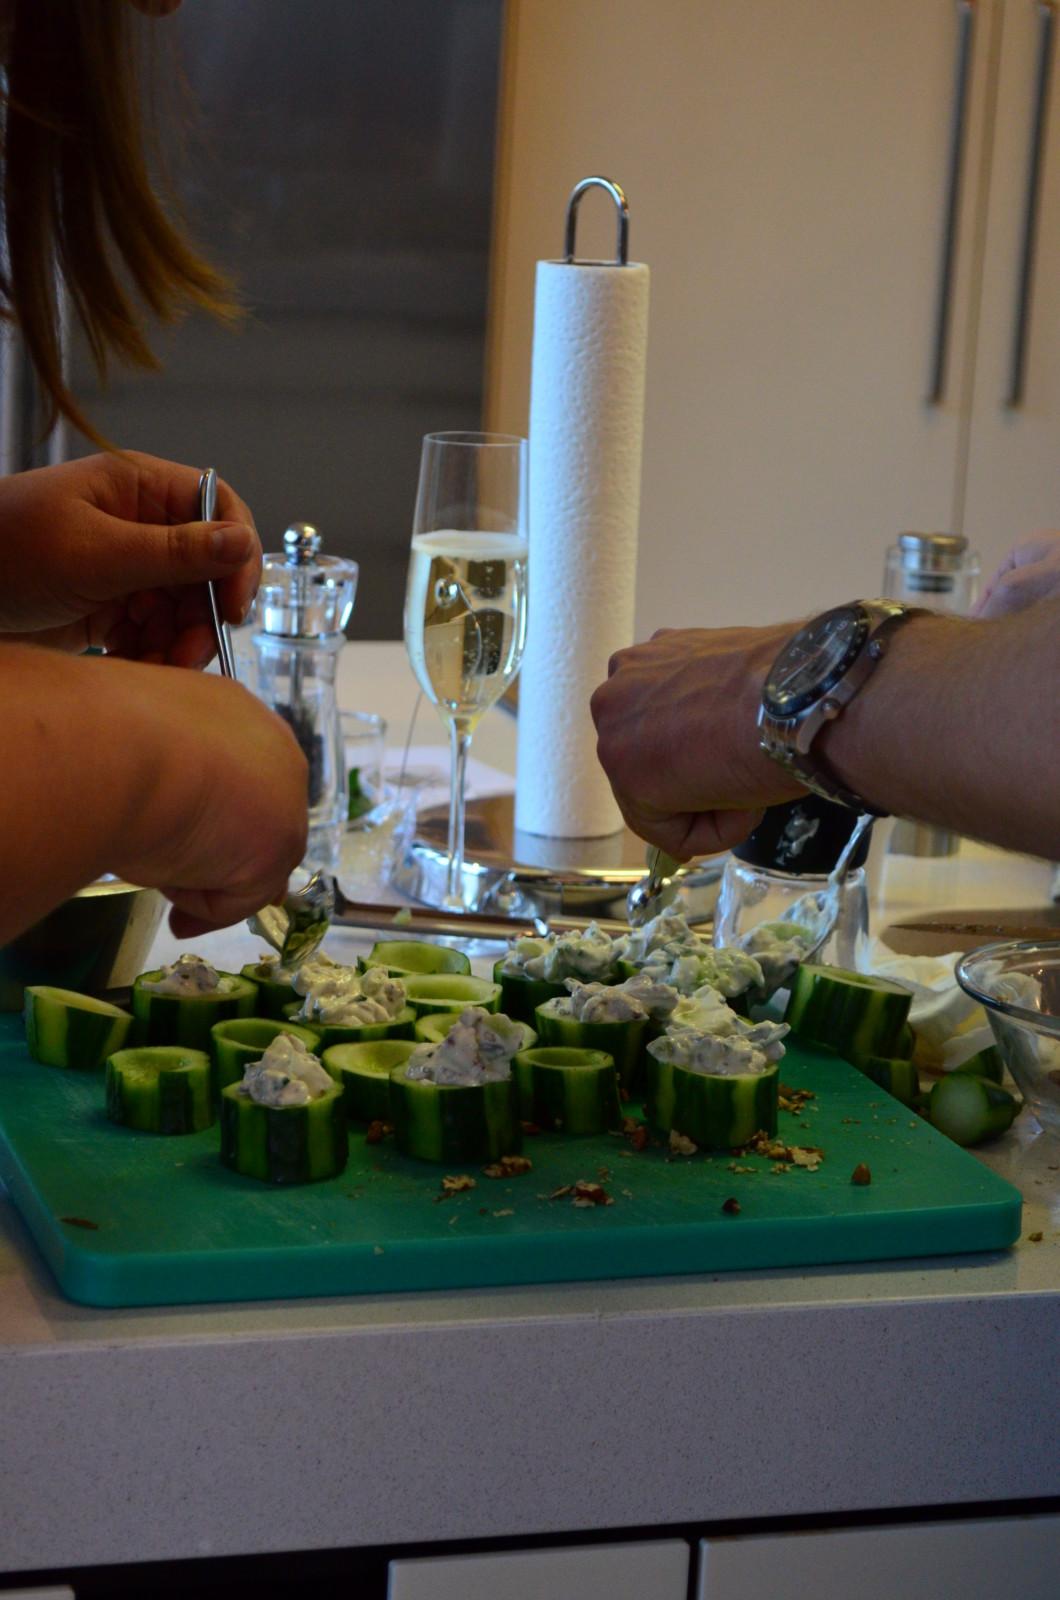 Zusammen kochen schafft Berührungspunkte – und führt vielleicht zu einem zweiten Date? Foto: Lunchgate/Corina